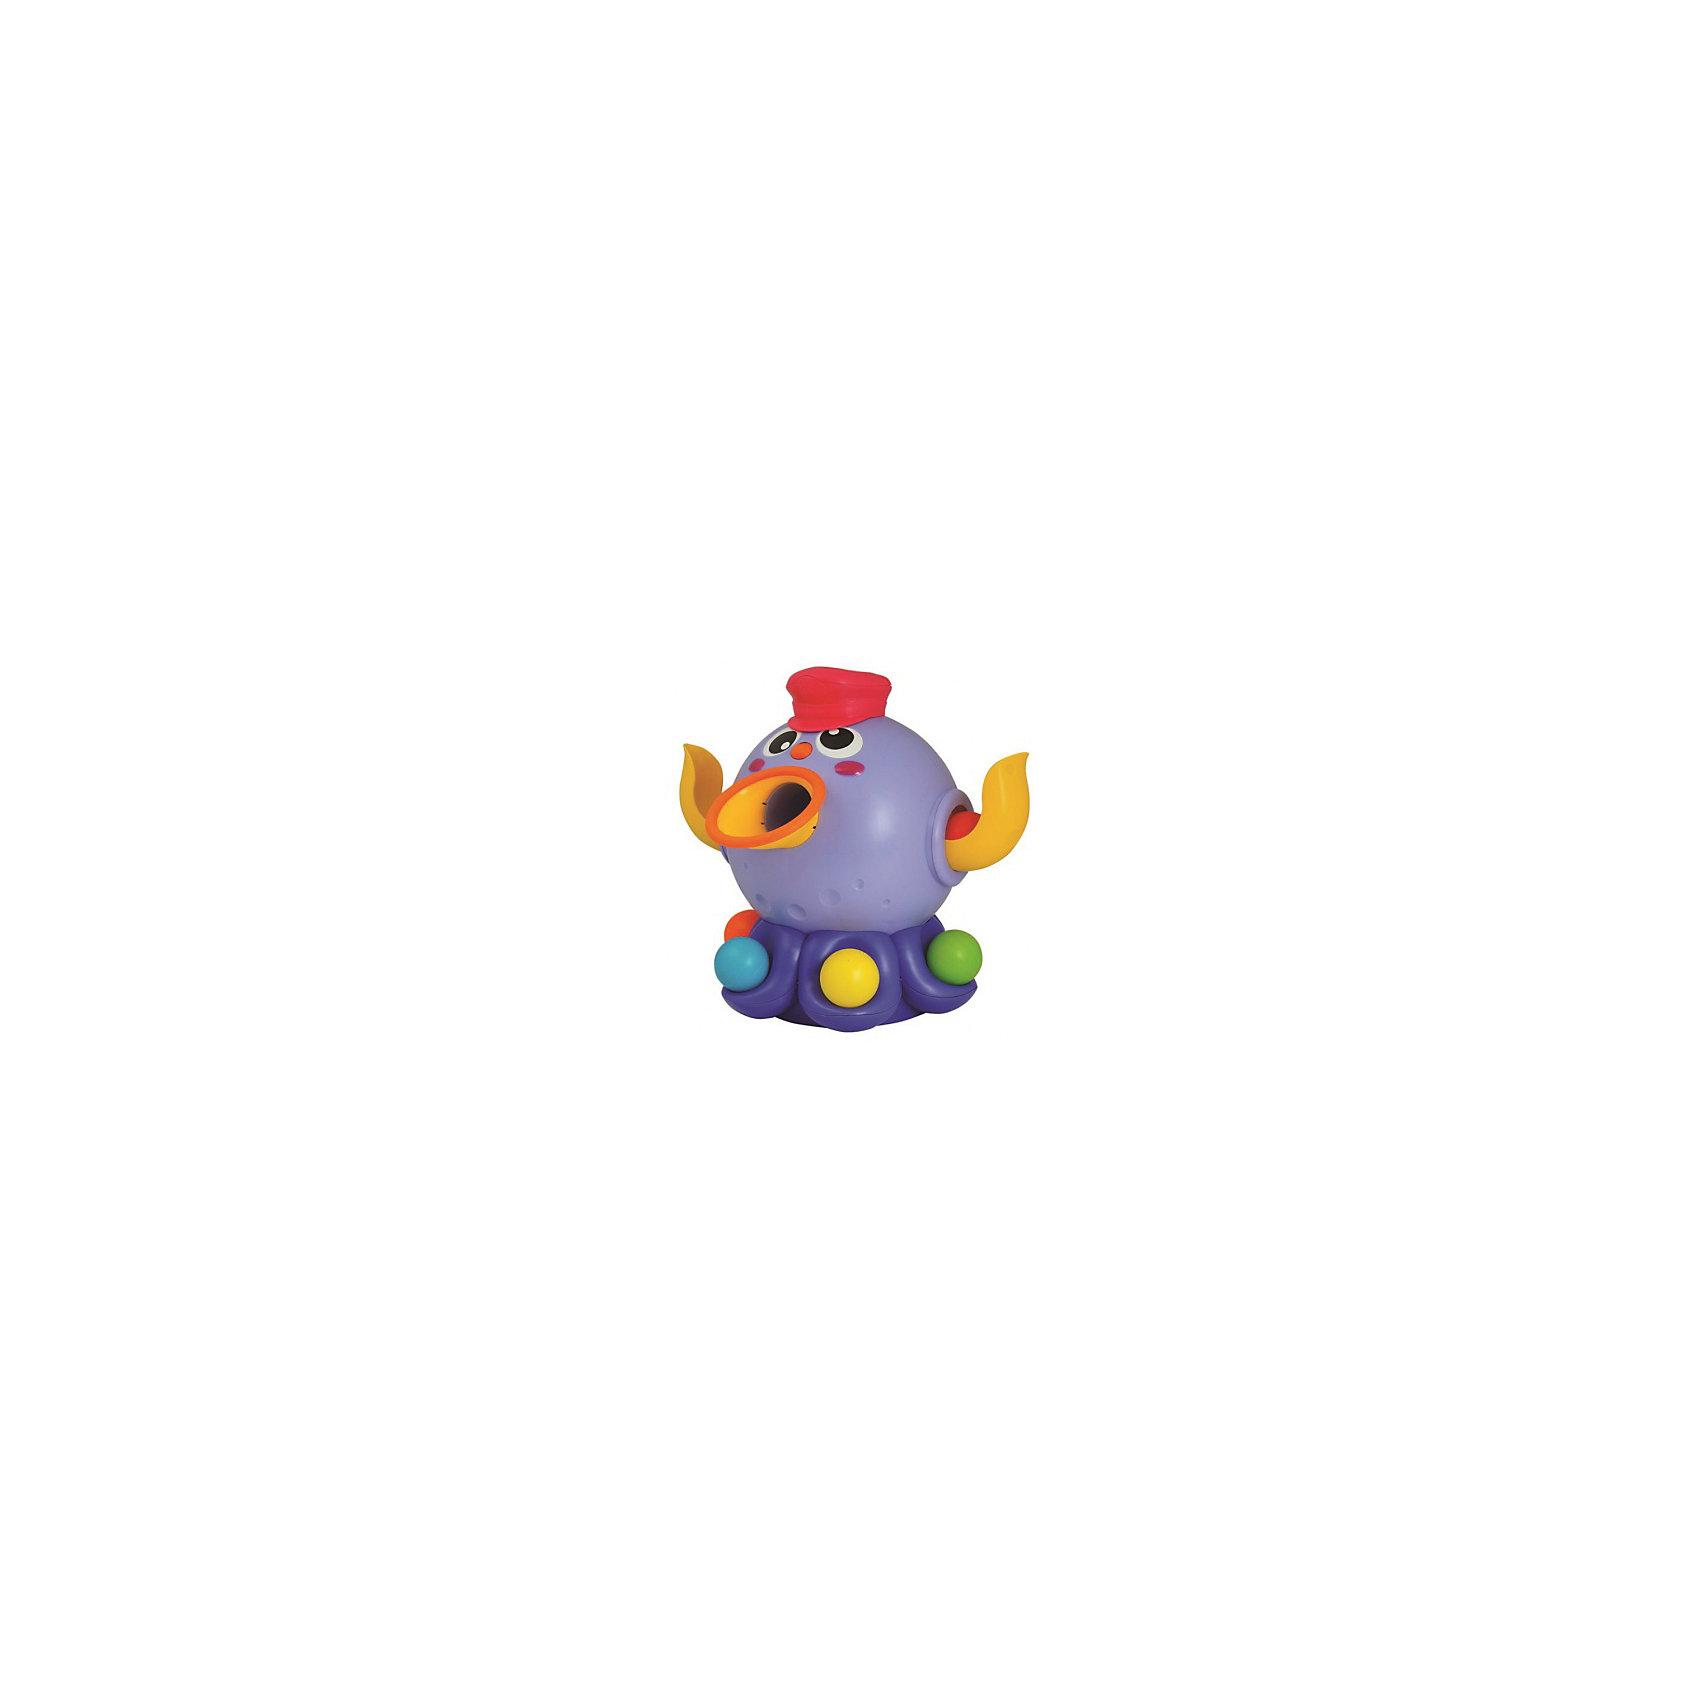 Ловкий осьминожка, OuapsРазвивающие игрушки<br>Ловкий осьминожка, Ouaps (Уапс) ? интерактивная игрушка, предназначенная для детей в возрасте от одного года. Осьминожка станет любимой спортивной игрой, в которую можно играть как одному ребенку, так и нескольким. Подобные игры позволяют внести элемент соревновательности и азарта. Ловкий осьминожка выполнен из высококачественного пластика, имеет яркую окраску и устойчивую платформу. Задача игры заключается в попадании в цель всех мячиков. Соревноваться с осьминогом можно в двух режимах: без включения и тогда он стоит на месте, и на более сложном уровне, когда его включают и он двигается, усложняя тем самым попадание мячика цель. <br>Движение осьминога Ouaps сопровождается приятной музыкой. Ловкий осьминог формирует у вашего ребенка ловкость, сосредоточенность, внимание, координацию движений и учит на простейшем уровне вырабатывать стратегию и тактику игры.<br><br>Дополнительная информация:<br><br>- Вид игр: спортивные (подвижные)<br>- Предназначение: для дома, для детского сада, для детских развивающих центров<br>- Материал: качественный пластик<br>- Дополнительные функции: регулировка звука<br>- Батарейки: 4 шт. ААА<br>- Размер: высота осьминога 36 см<br>- Вес: 2 кг 425 г<br>- Комплектация: осьминожка, 6 разноцветных шариков, батарейки<br>- Особенности ухода: можно протирать влажной губкой, предварительно достав батарейки <br><br>Подробнее:<br><br>• Для детей в возрасте: от 1 года до 3 лет<br>• Страна производитель: Китай<br>• Торговый бренд: Ouaps<br><br>Ловкого осьминожку, Ouaps можно купить в нашем интернет-магазине.<br><br>Ширина мм: 310<br>Глубина мм: 360<br>Высота мм: 280<br>Вес г: 2425<br>Возраст от месяцев: 12<br>Возраст до месяцев: 36<br>Пол: Унисекс<br>Возраст: Детский<br>SKU: 4792908